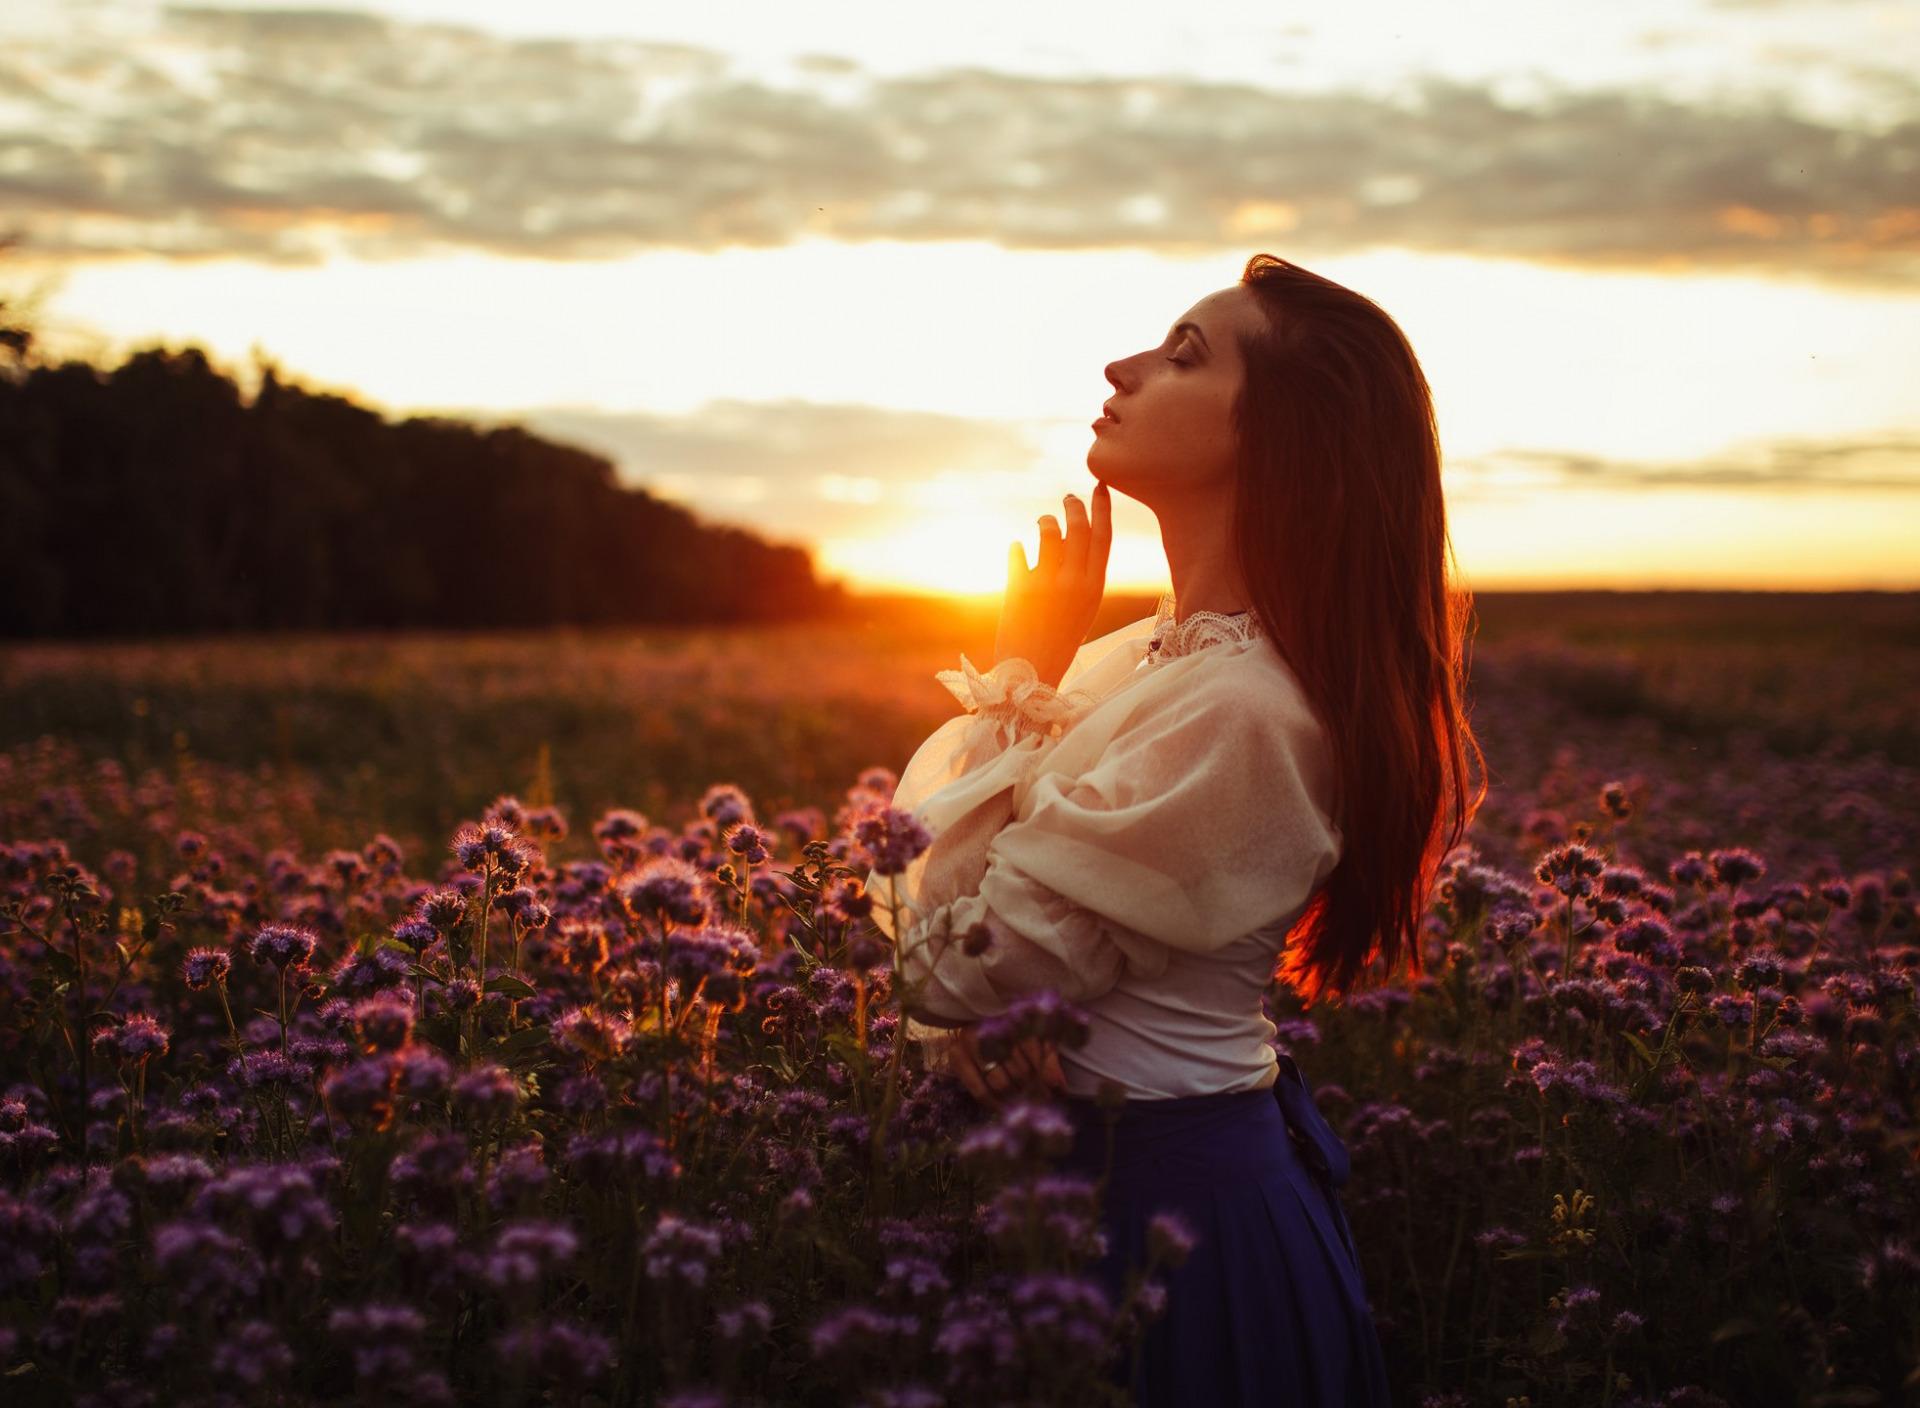 Девушки на закате или рассвета картинки